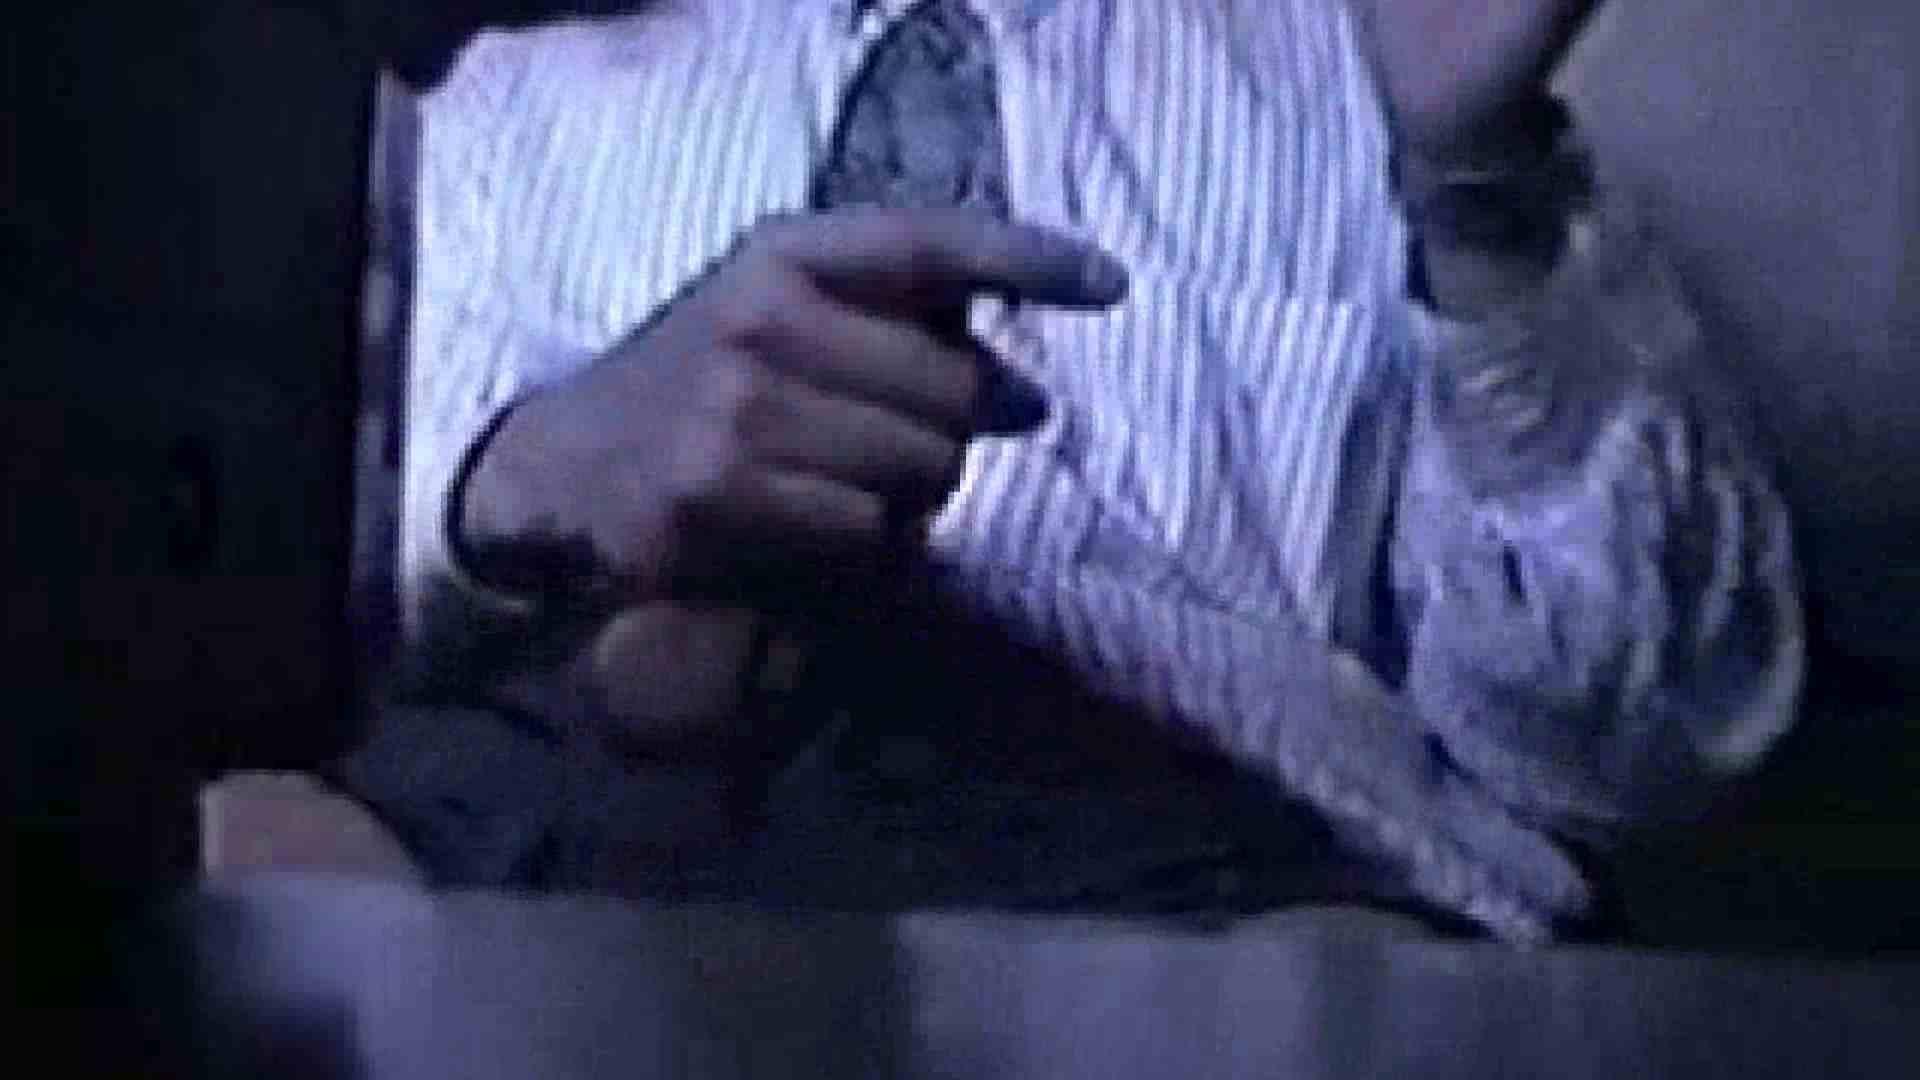 オナニーでほえろ なんじゃこりゃぁあ!!Vol.06中編 ゲイのオナニー ゲイアダルト画像 14画像 3